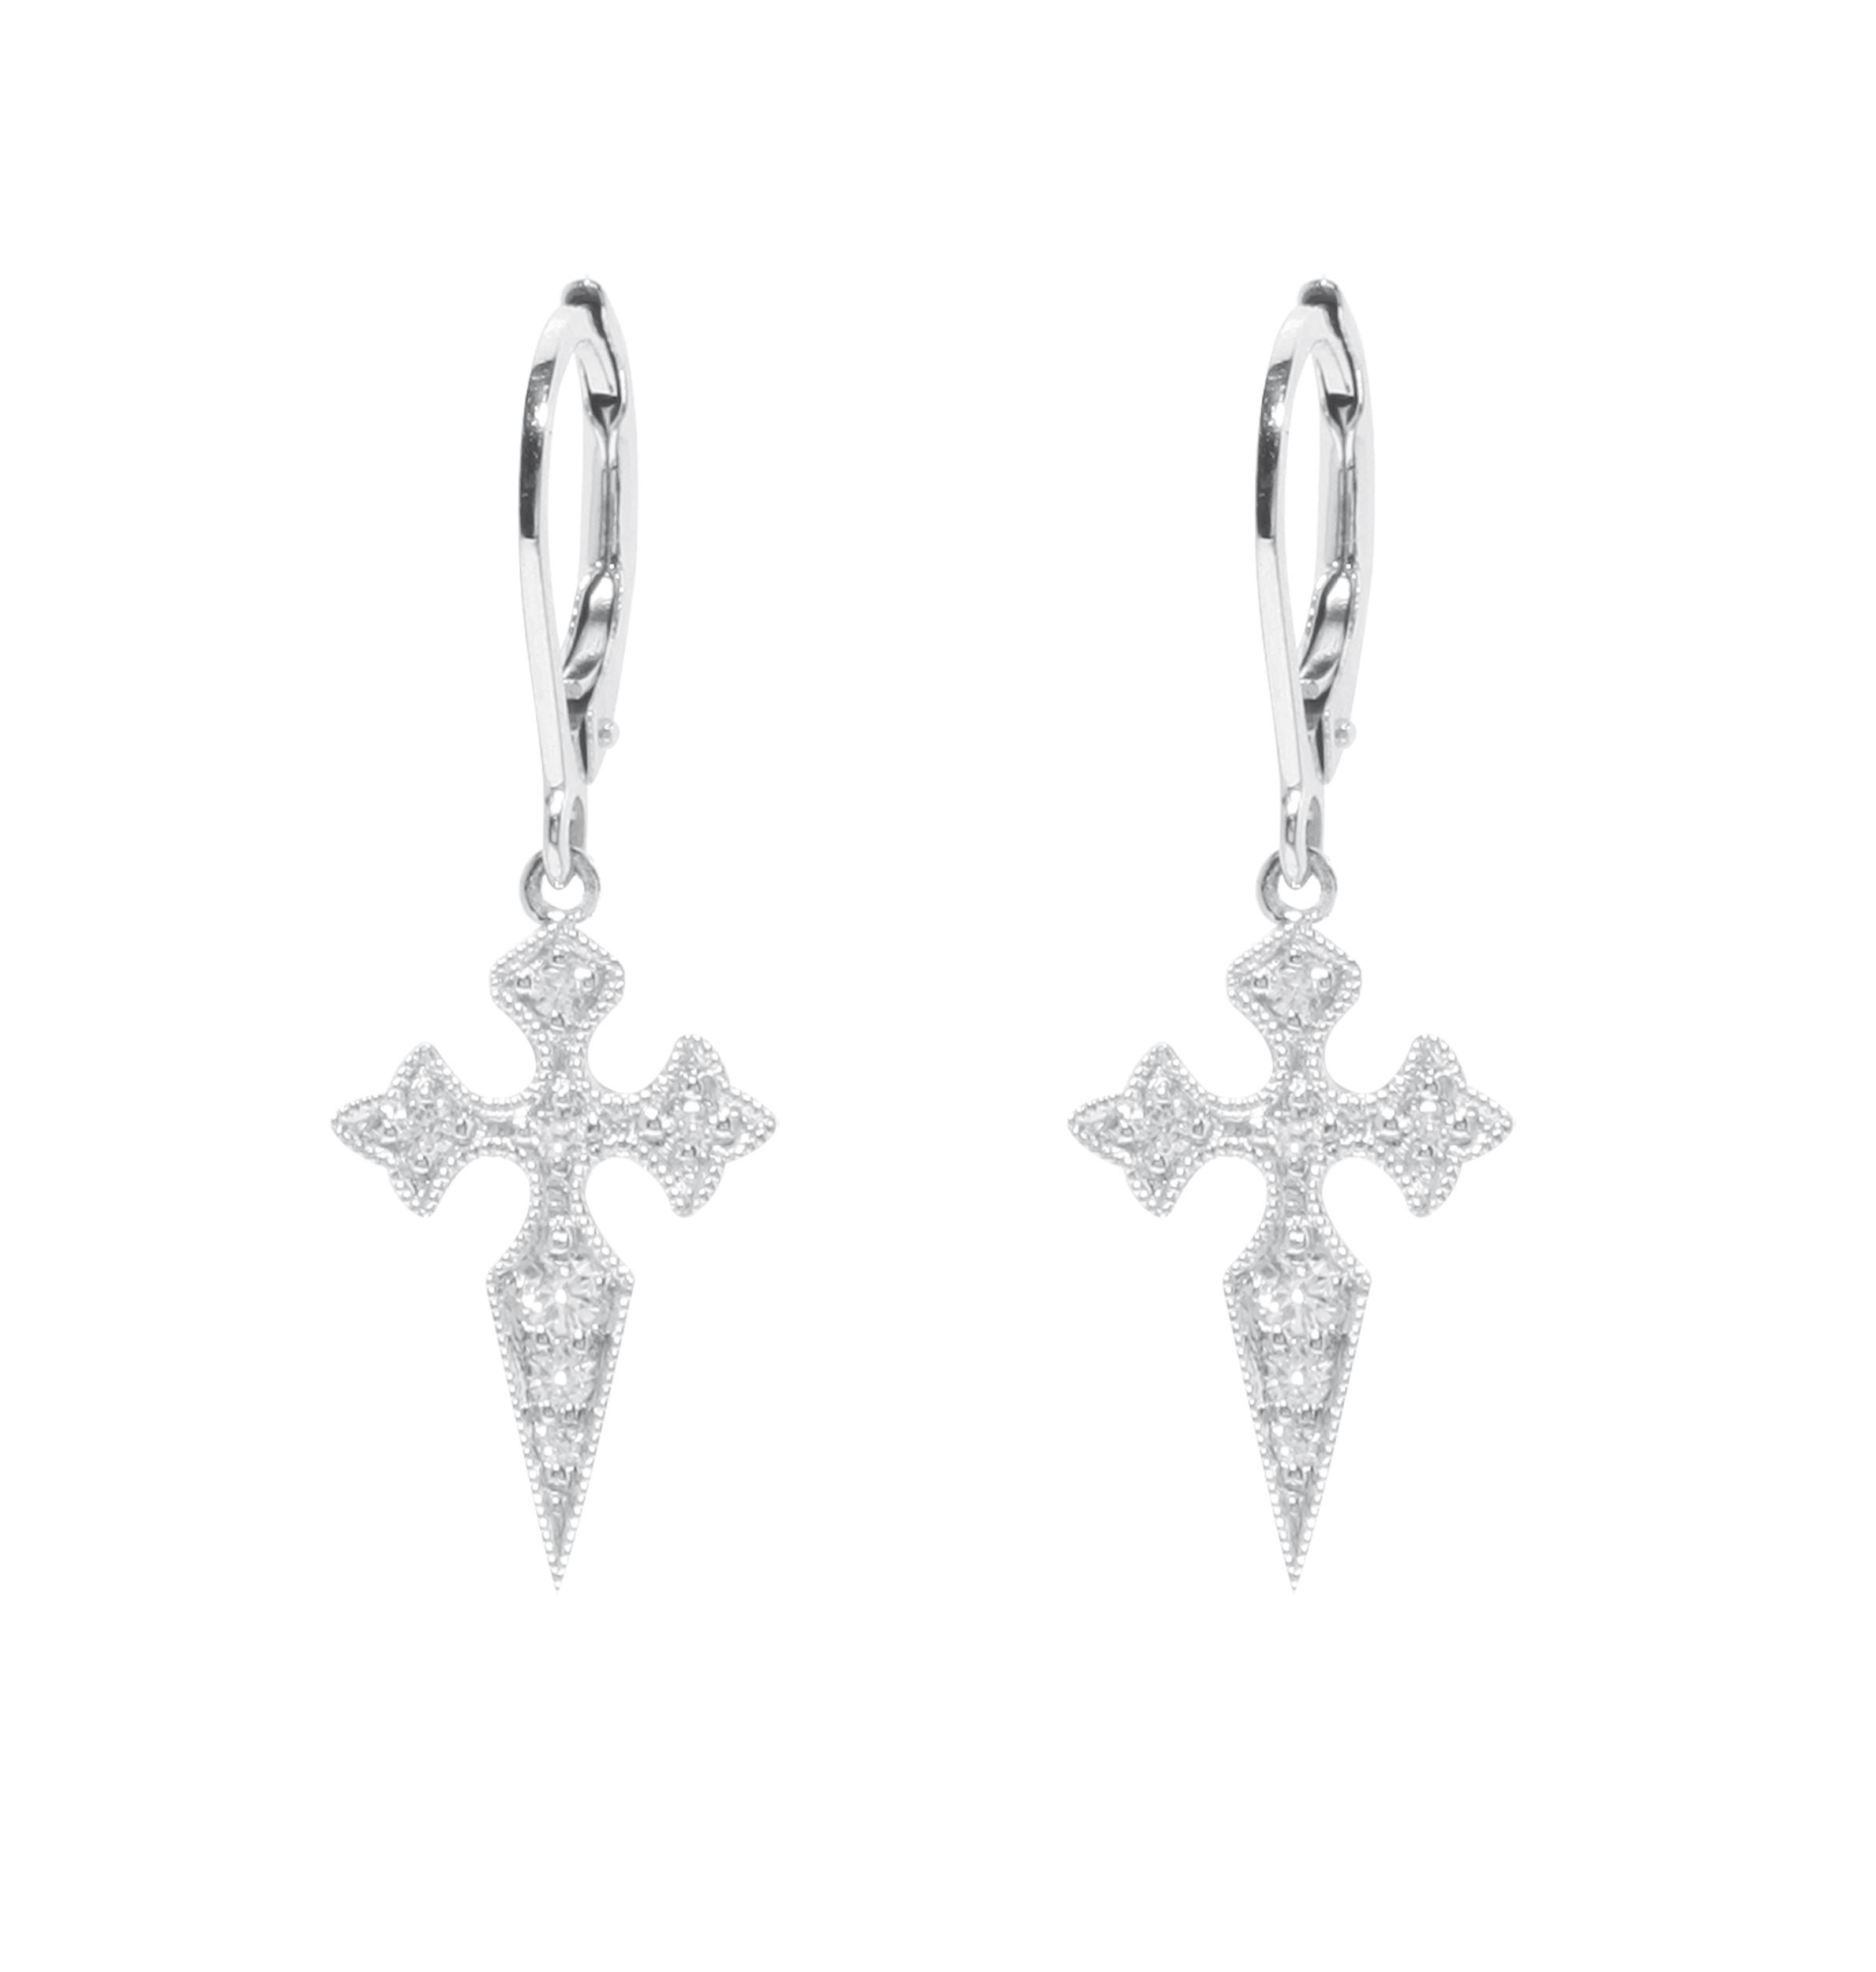 Boucles d'oreilles Dormeuses Blood Diamond